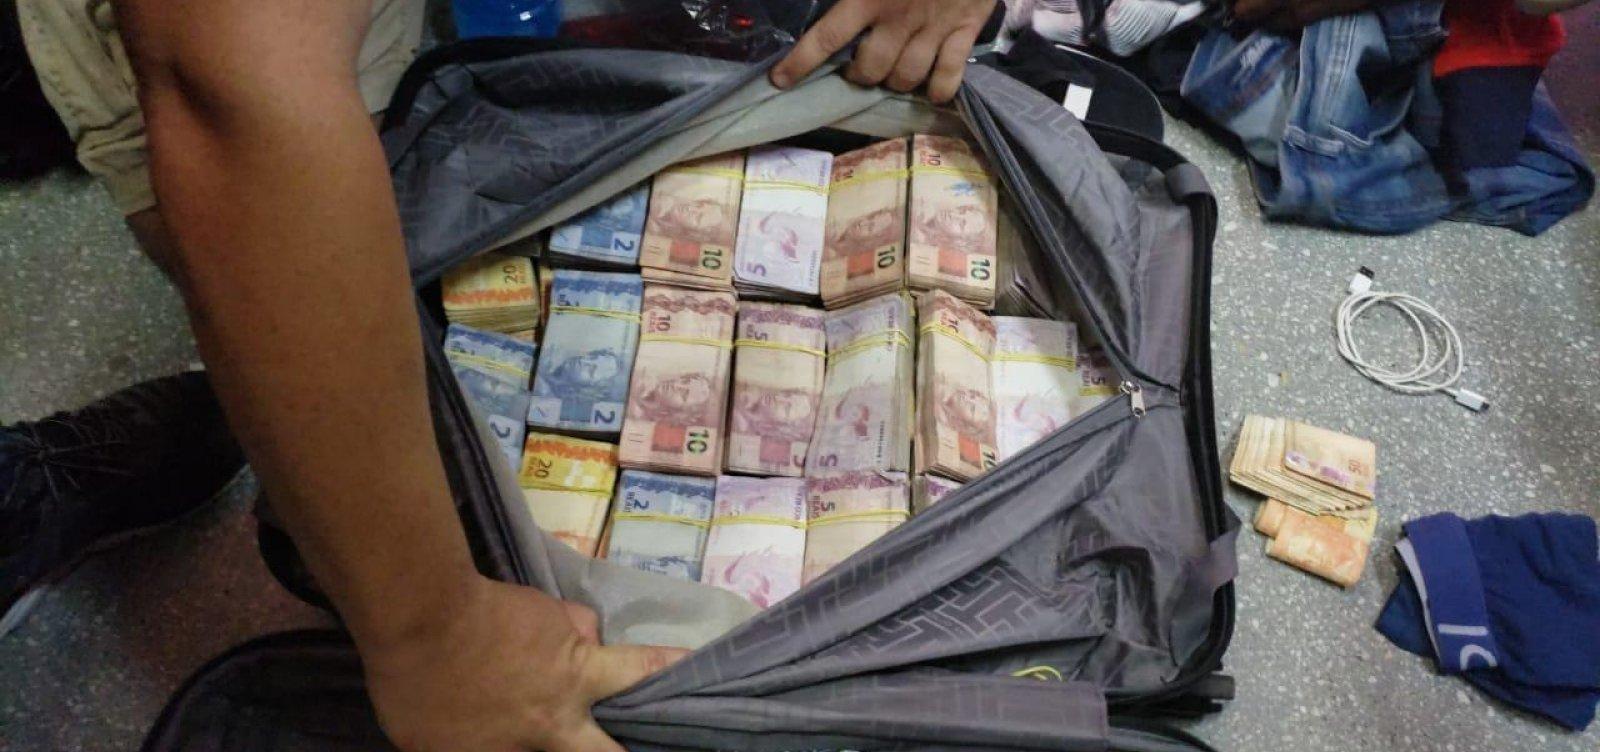 [Suspeitos de furtar banco são presos ao tentar embarcar com dinheiro em voo]